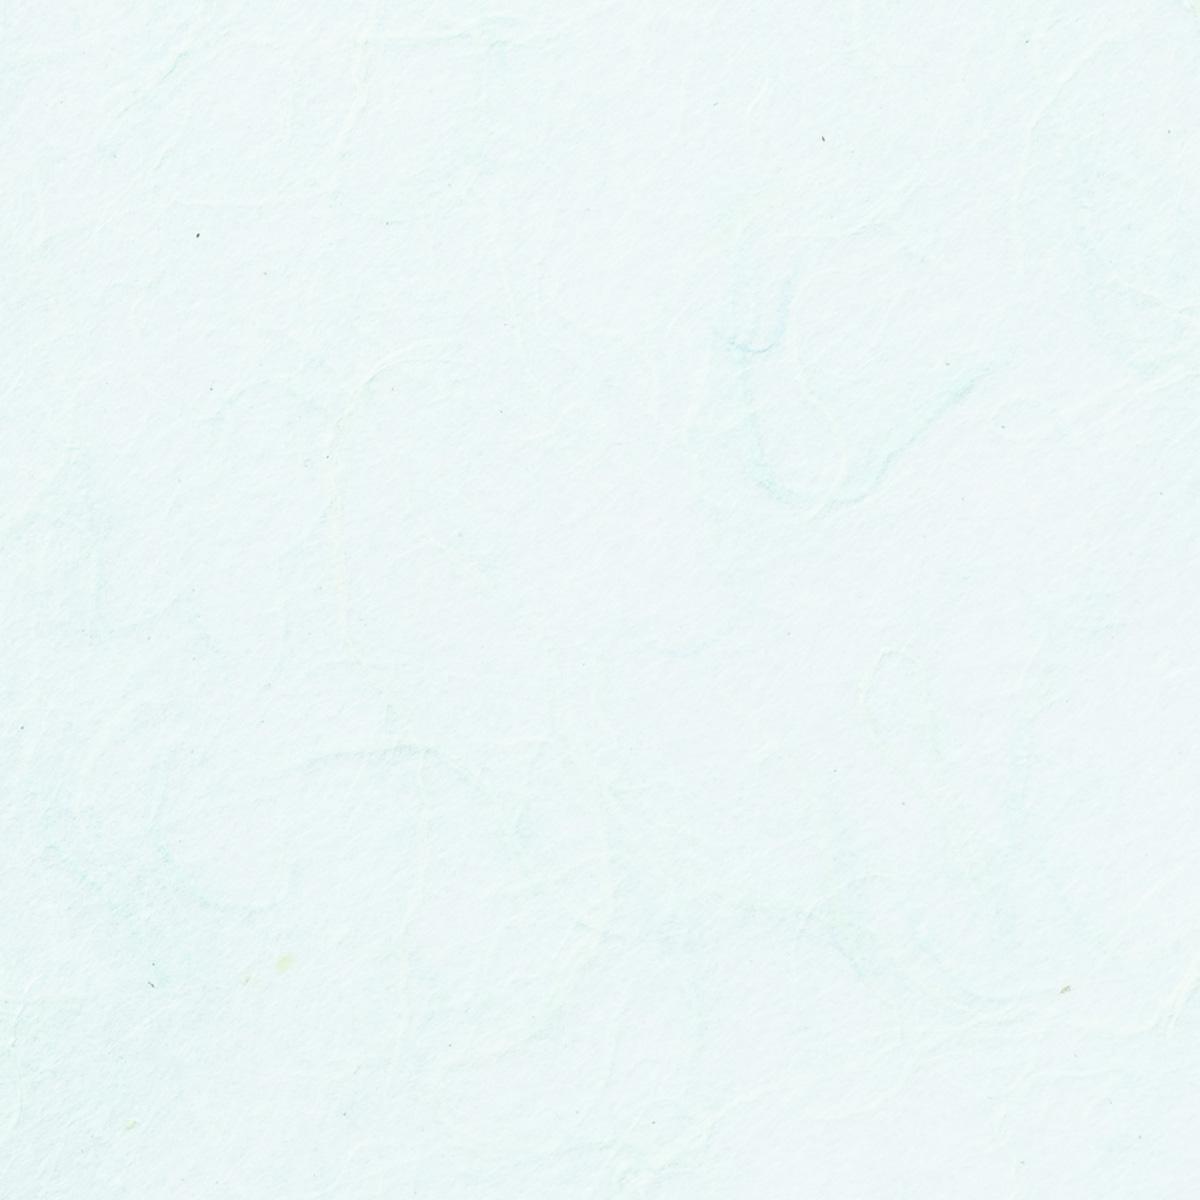 黒谷 雲龍紙 薄口 6匁 薄水色